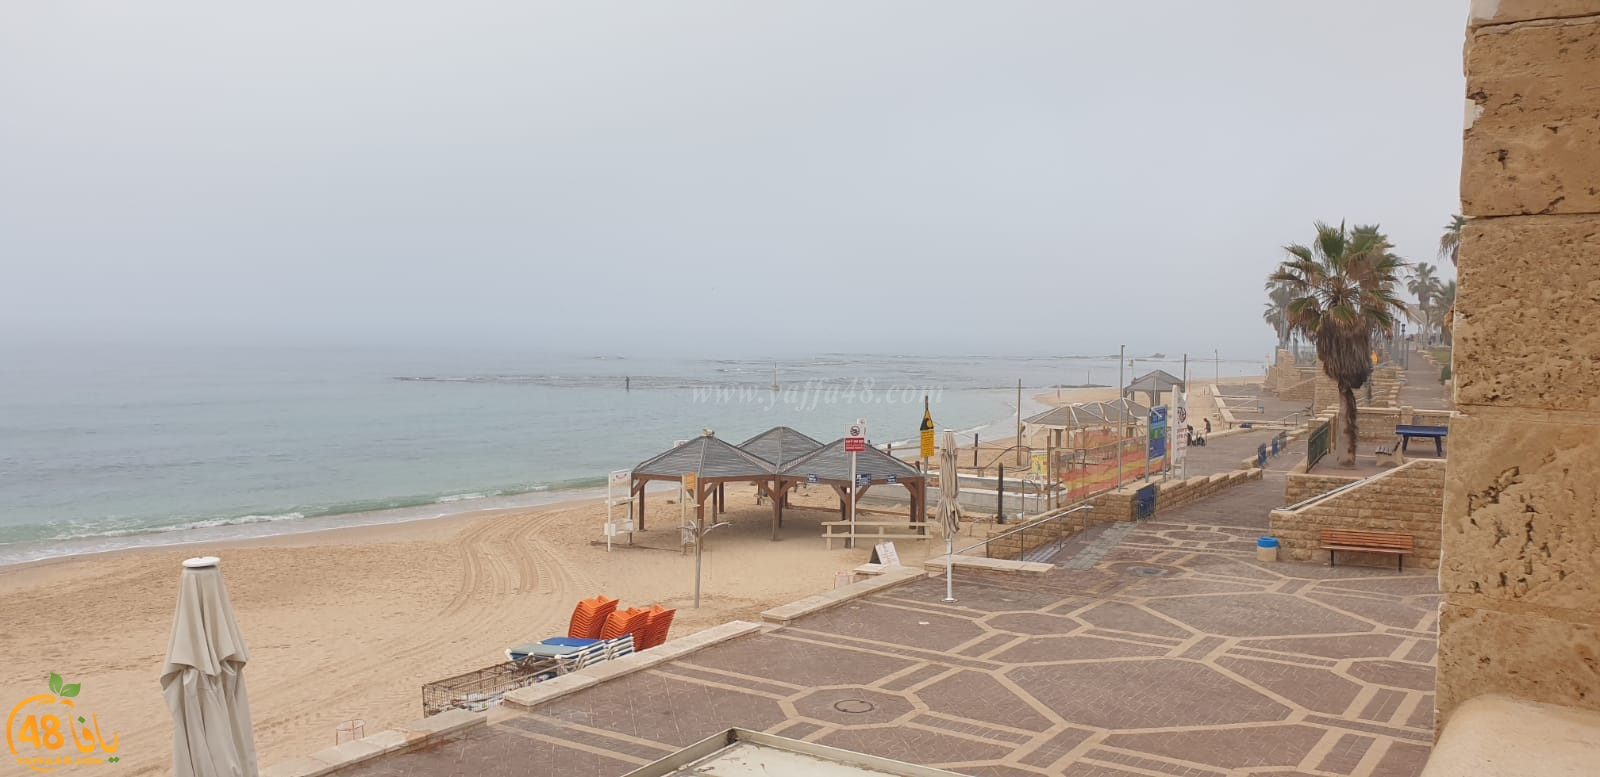 صور: ضباب كثيف يُخيّم على الأجواء في يافا وتدني مستوى الرؤية